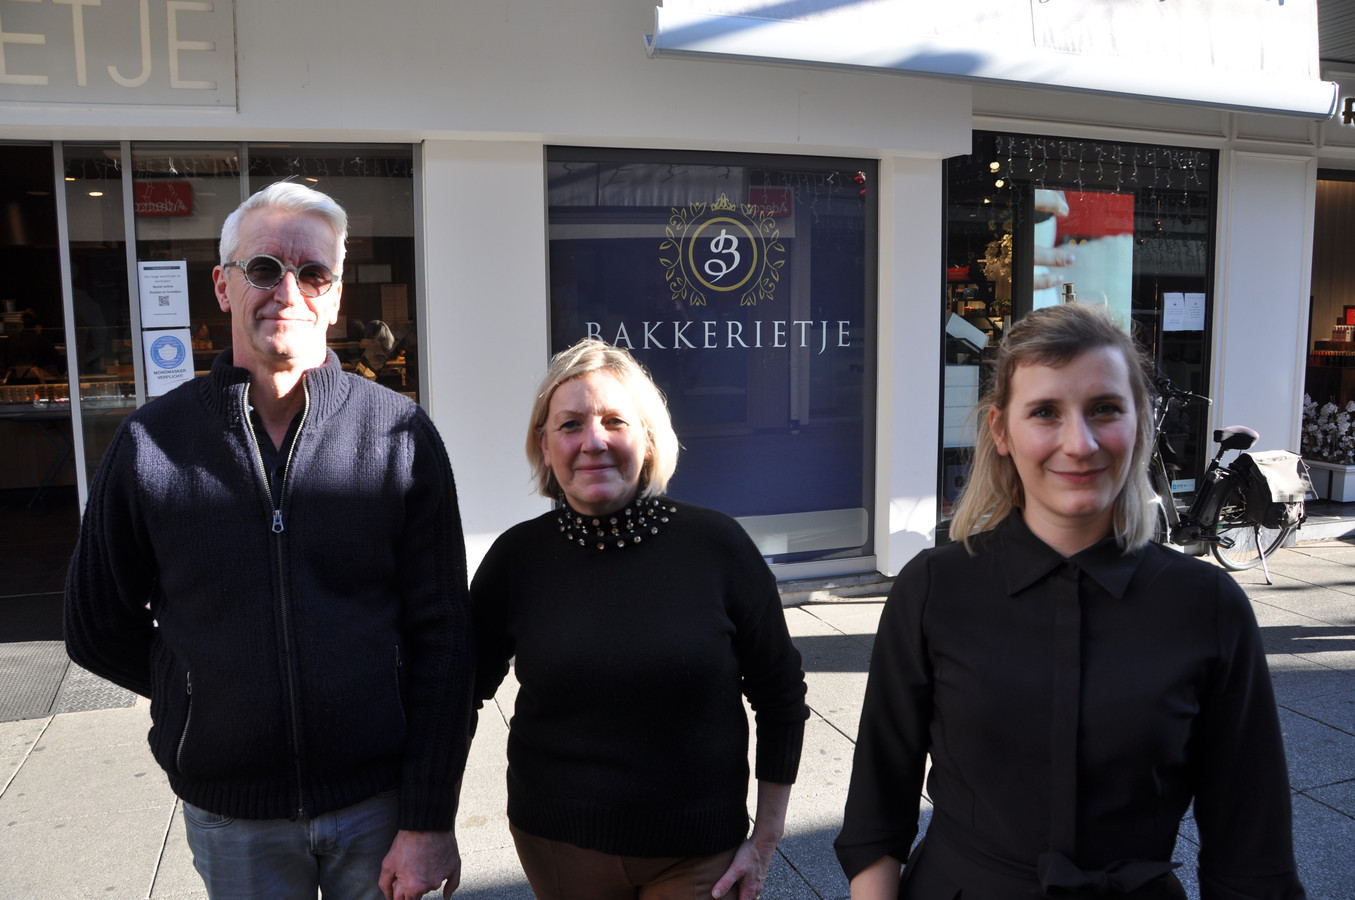 Dirk Daelewijn en Yolanda Nijs gaven de fakkel van 't Bakkerietje door aan hun dochter Elisa maar ze doorstonden enkele bange momenten door de amateuristische overvaller.